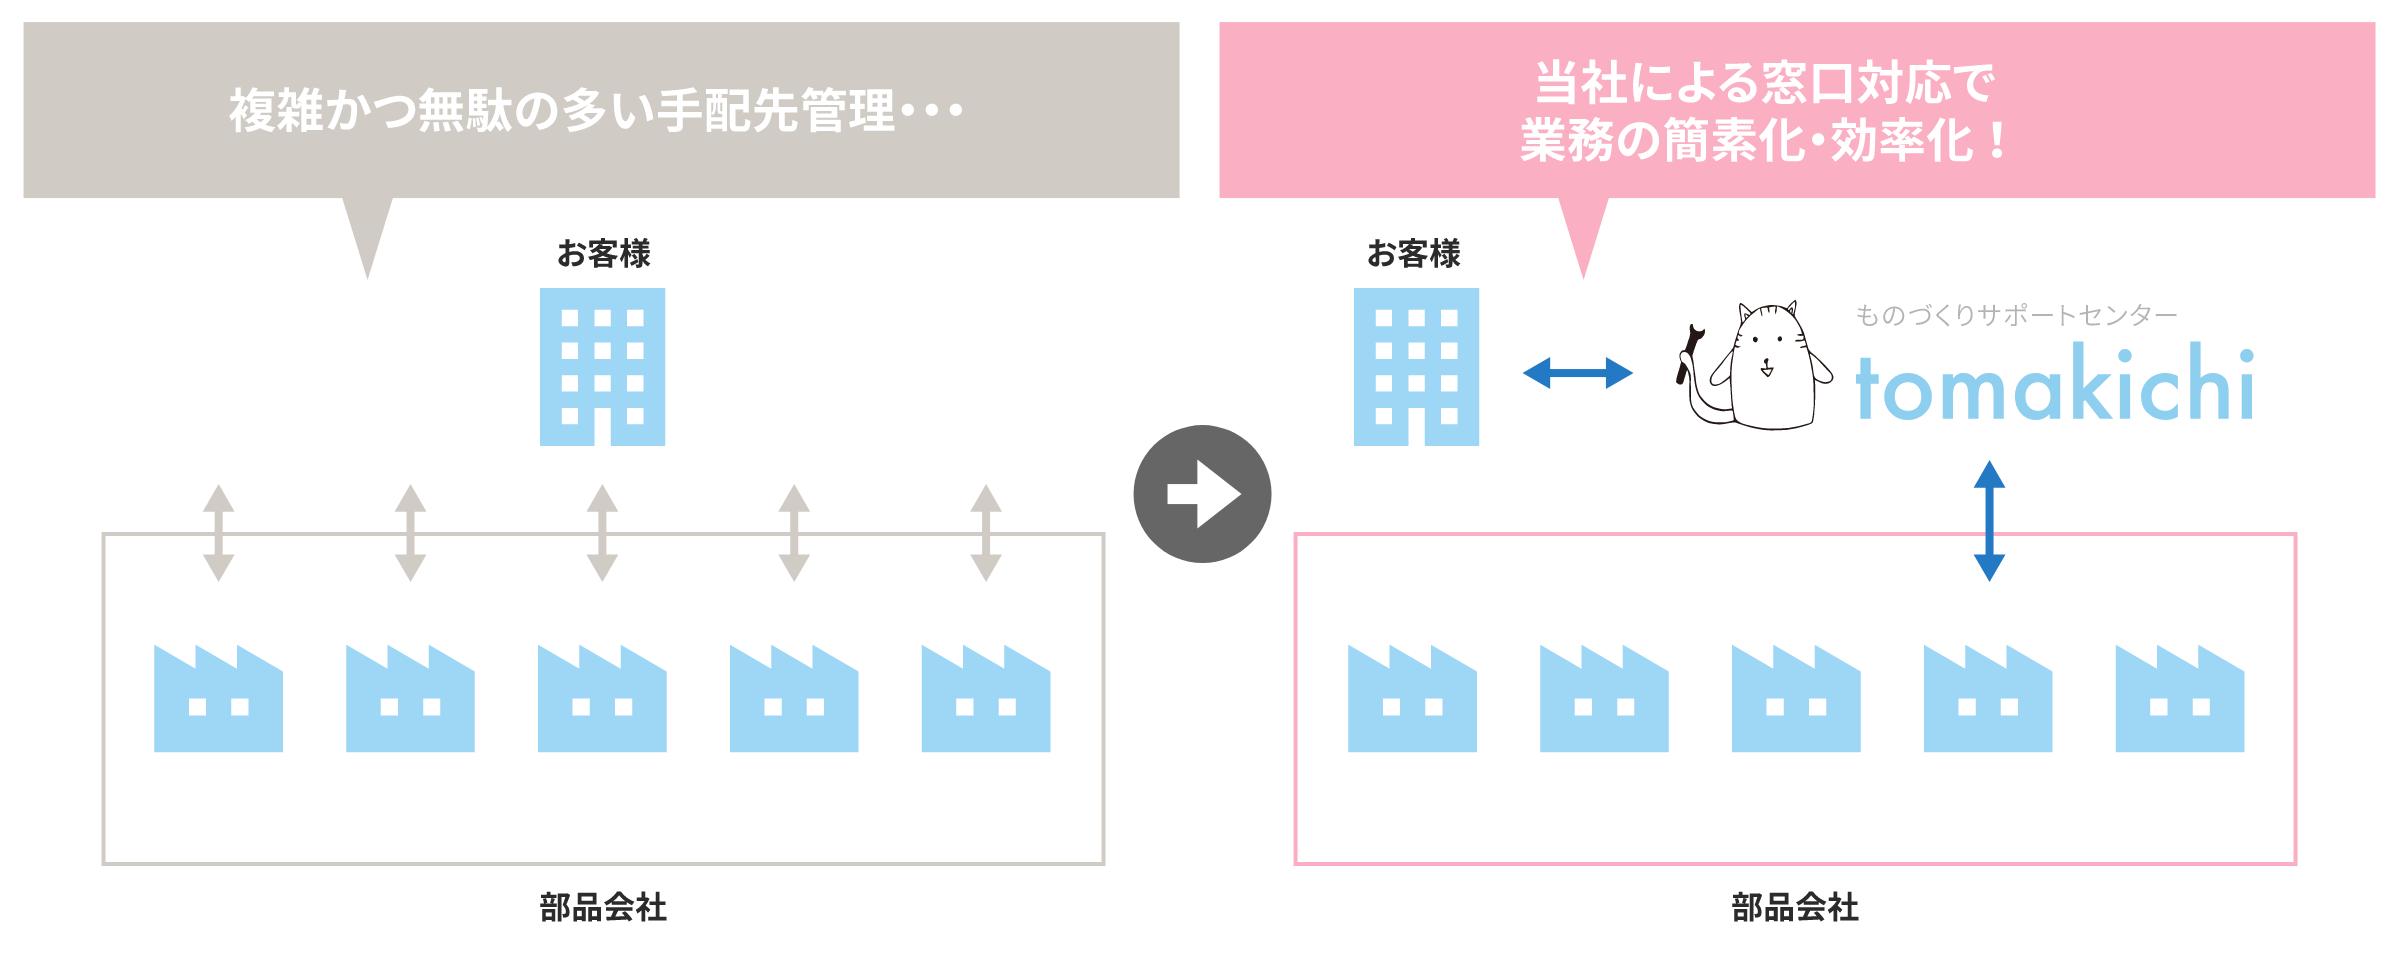 複数工程・複数図面にわたる機械加工の管理を全て代行